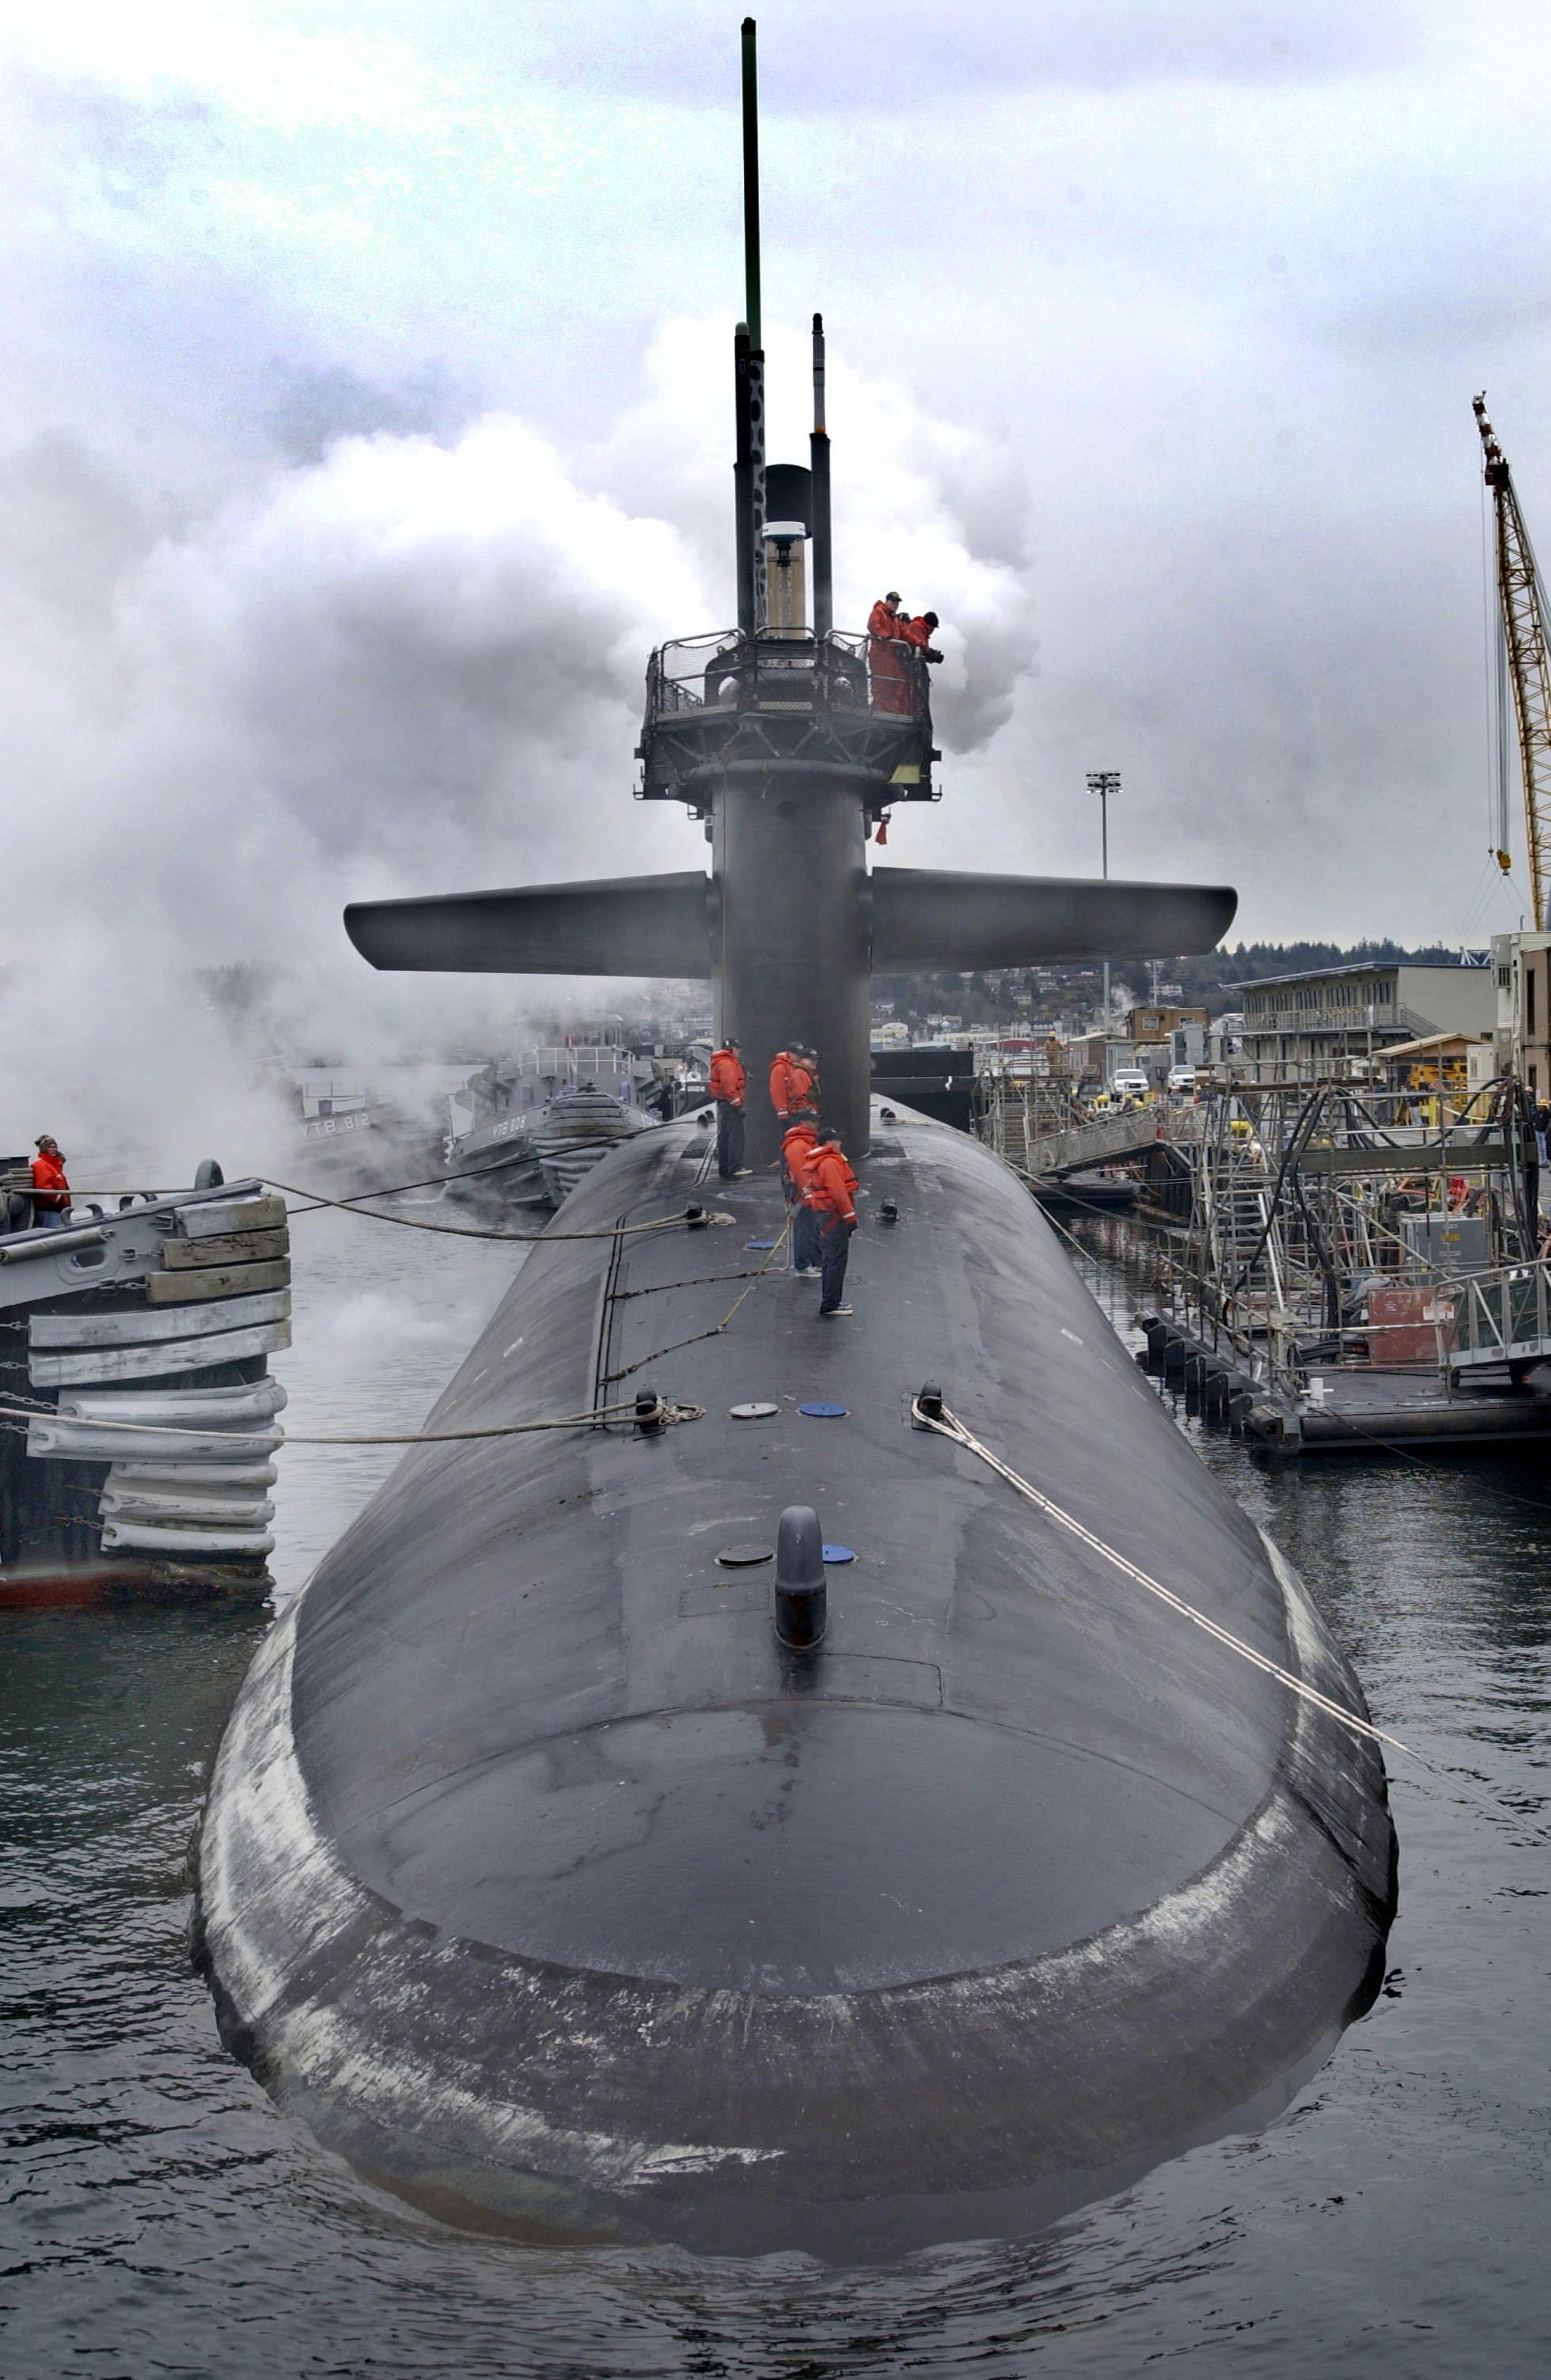 كوريا الشمالية هي القوة البحرية الأولى عالميًّا..   040202-N-1003P-001